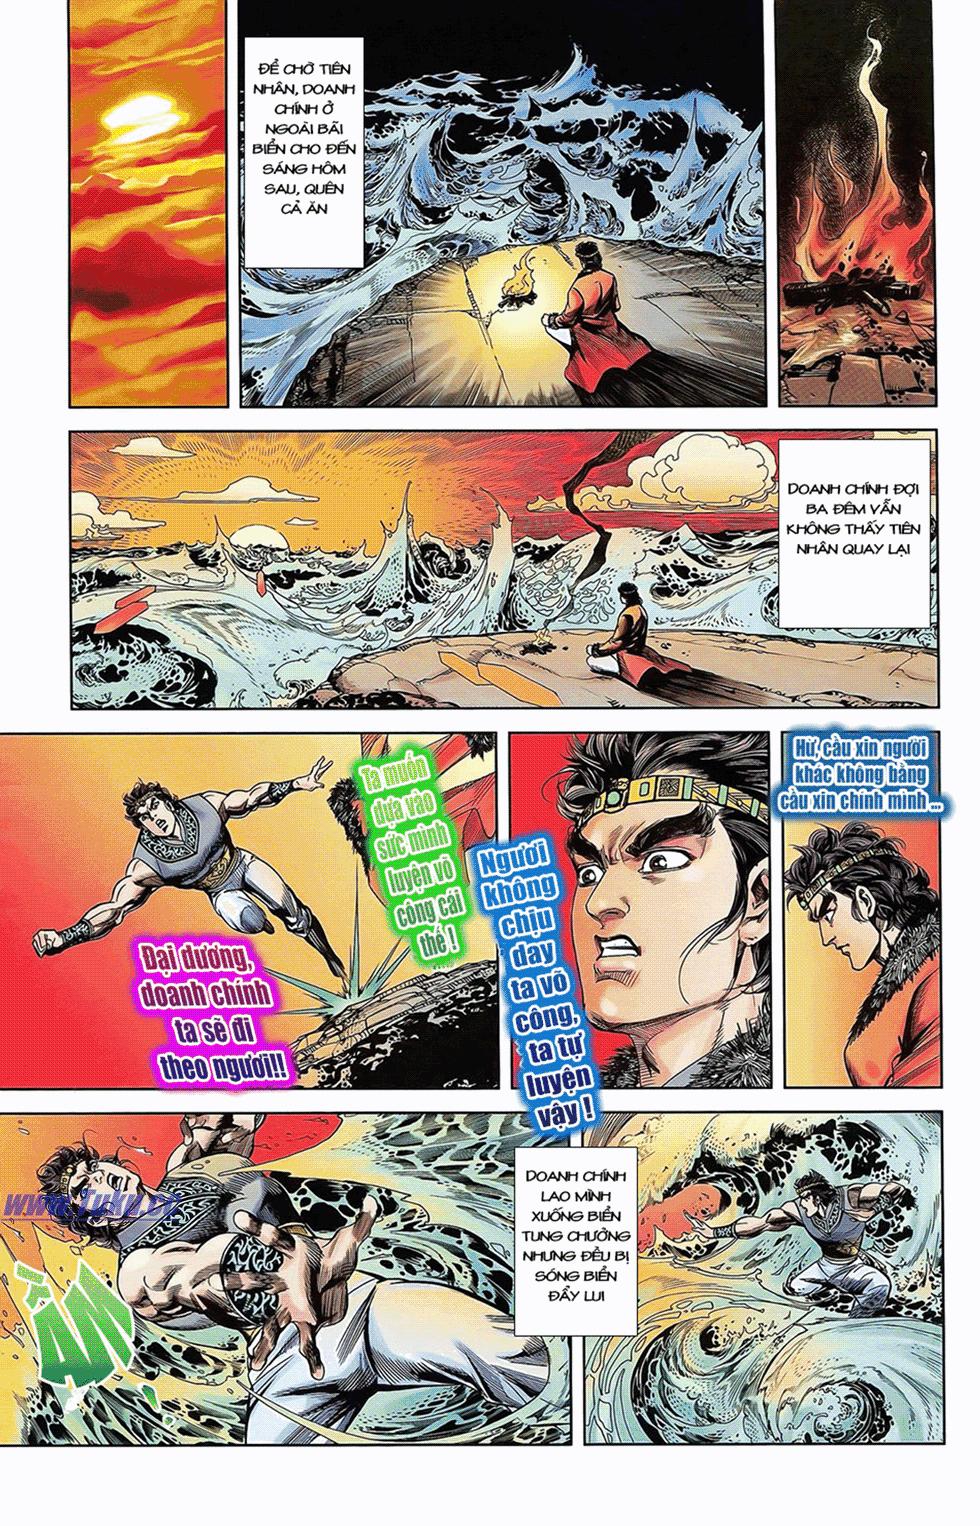 Tần Vương Doanh Chính chapter 6 trang 10